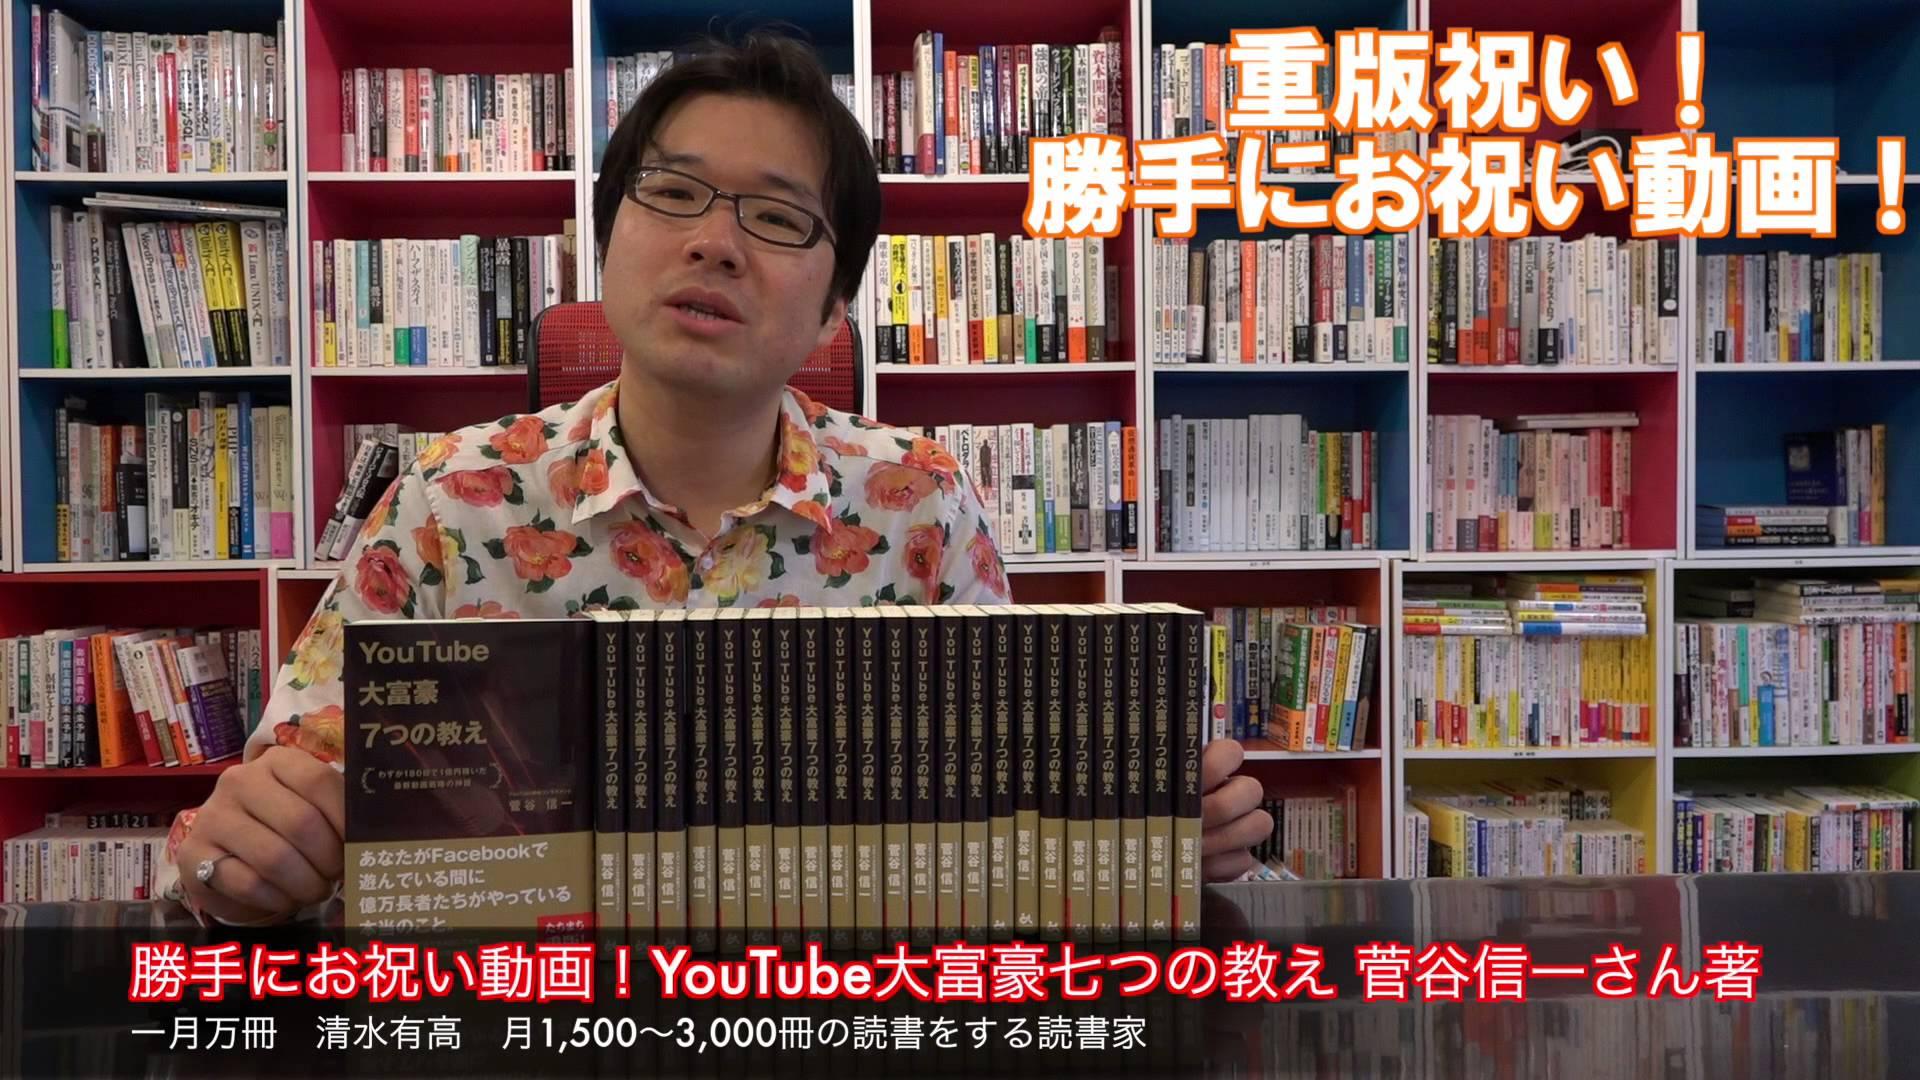 月間3000冊の読書家・若手経営者の清水さんからの応援動画